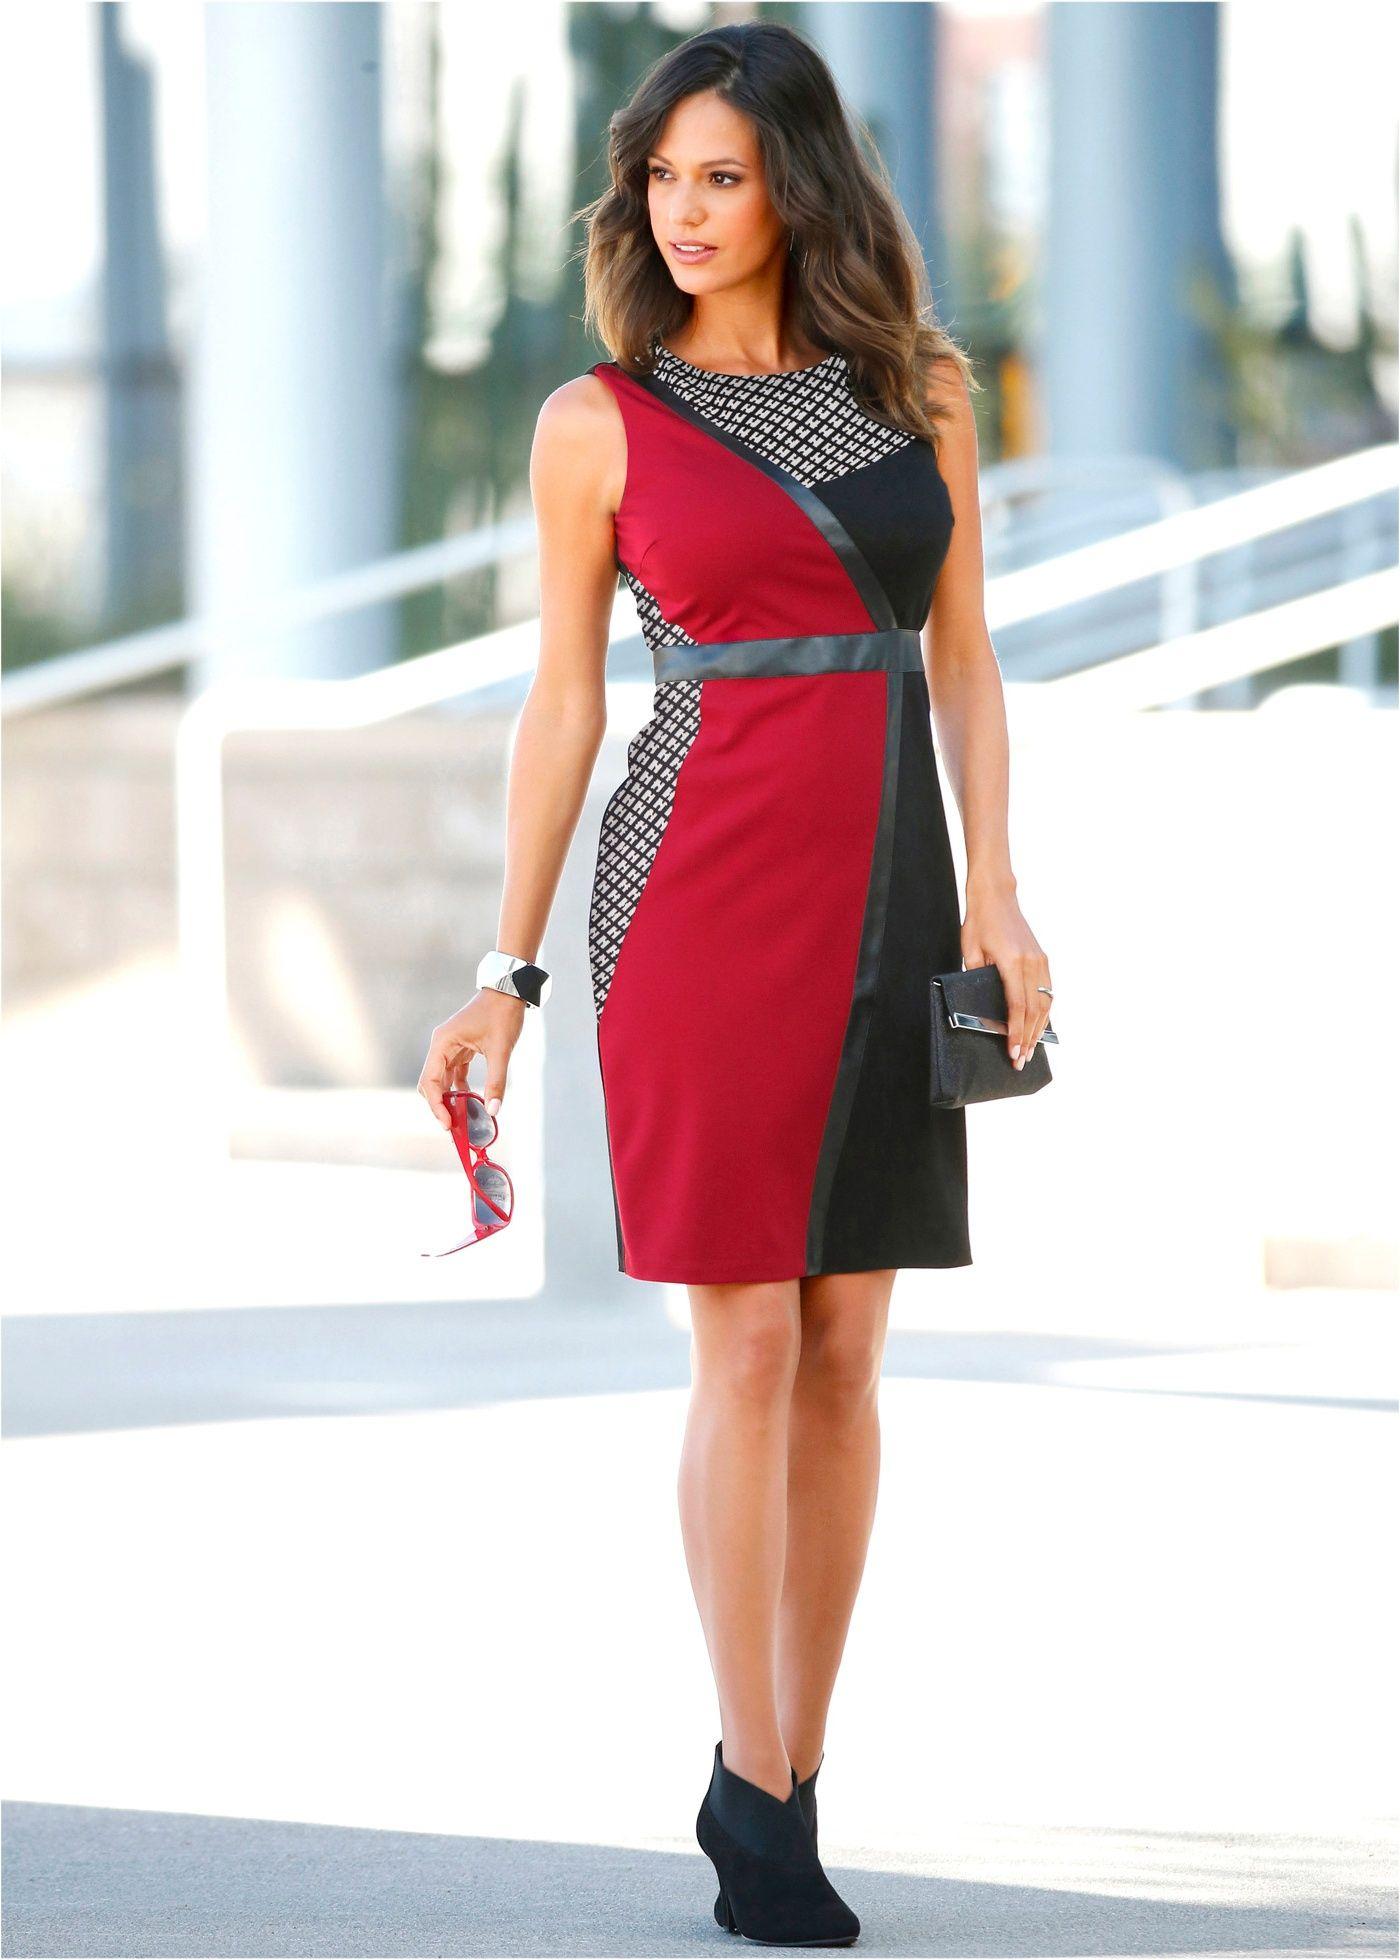 095cd0129ec4 Vestido tubinho patchwork preto/ vermelho escuro/branco comprar on-line -  bonprix.com.br